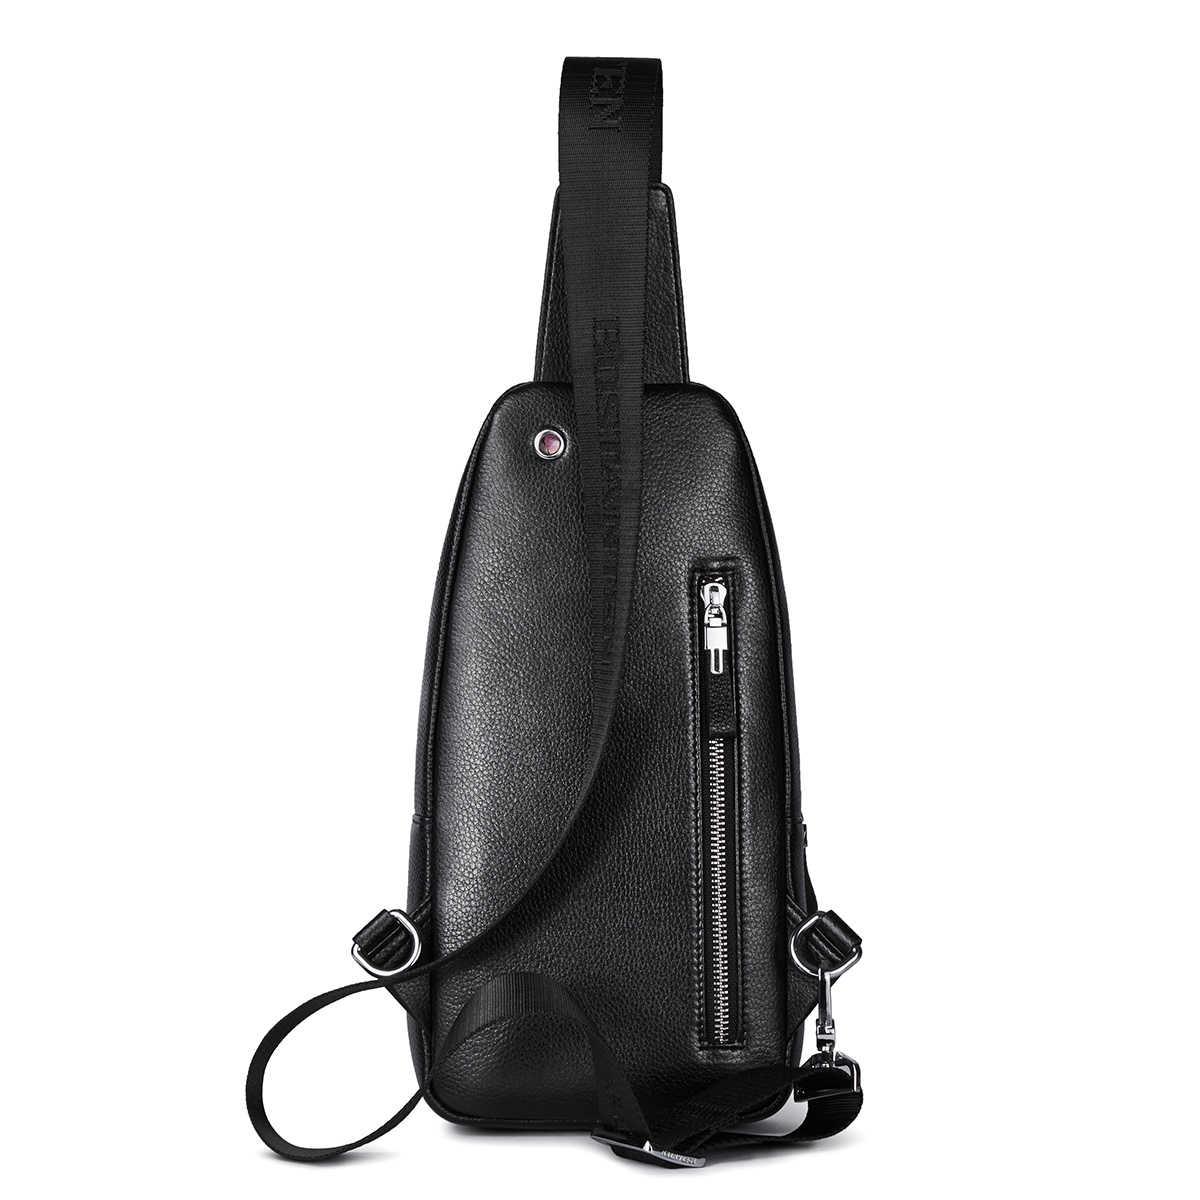 Bostanten, новинка, ретро, натуральная кожа, Воловья кожа, Мужская нагрудная сумка, сумка через плечо, сумка-мессенджер, сумка на плечо, дорожная, двойная молния, сумки